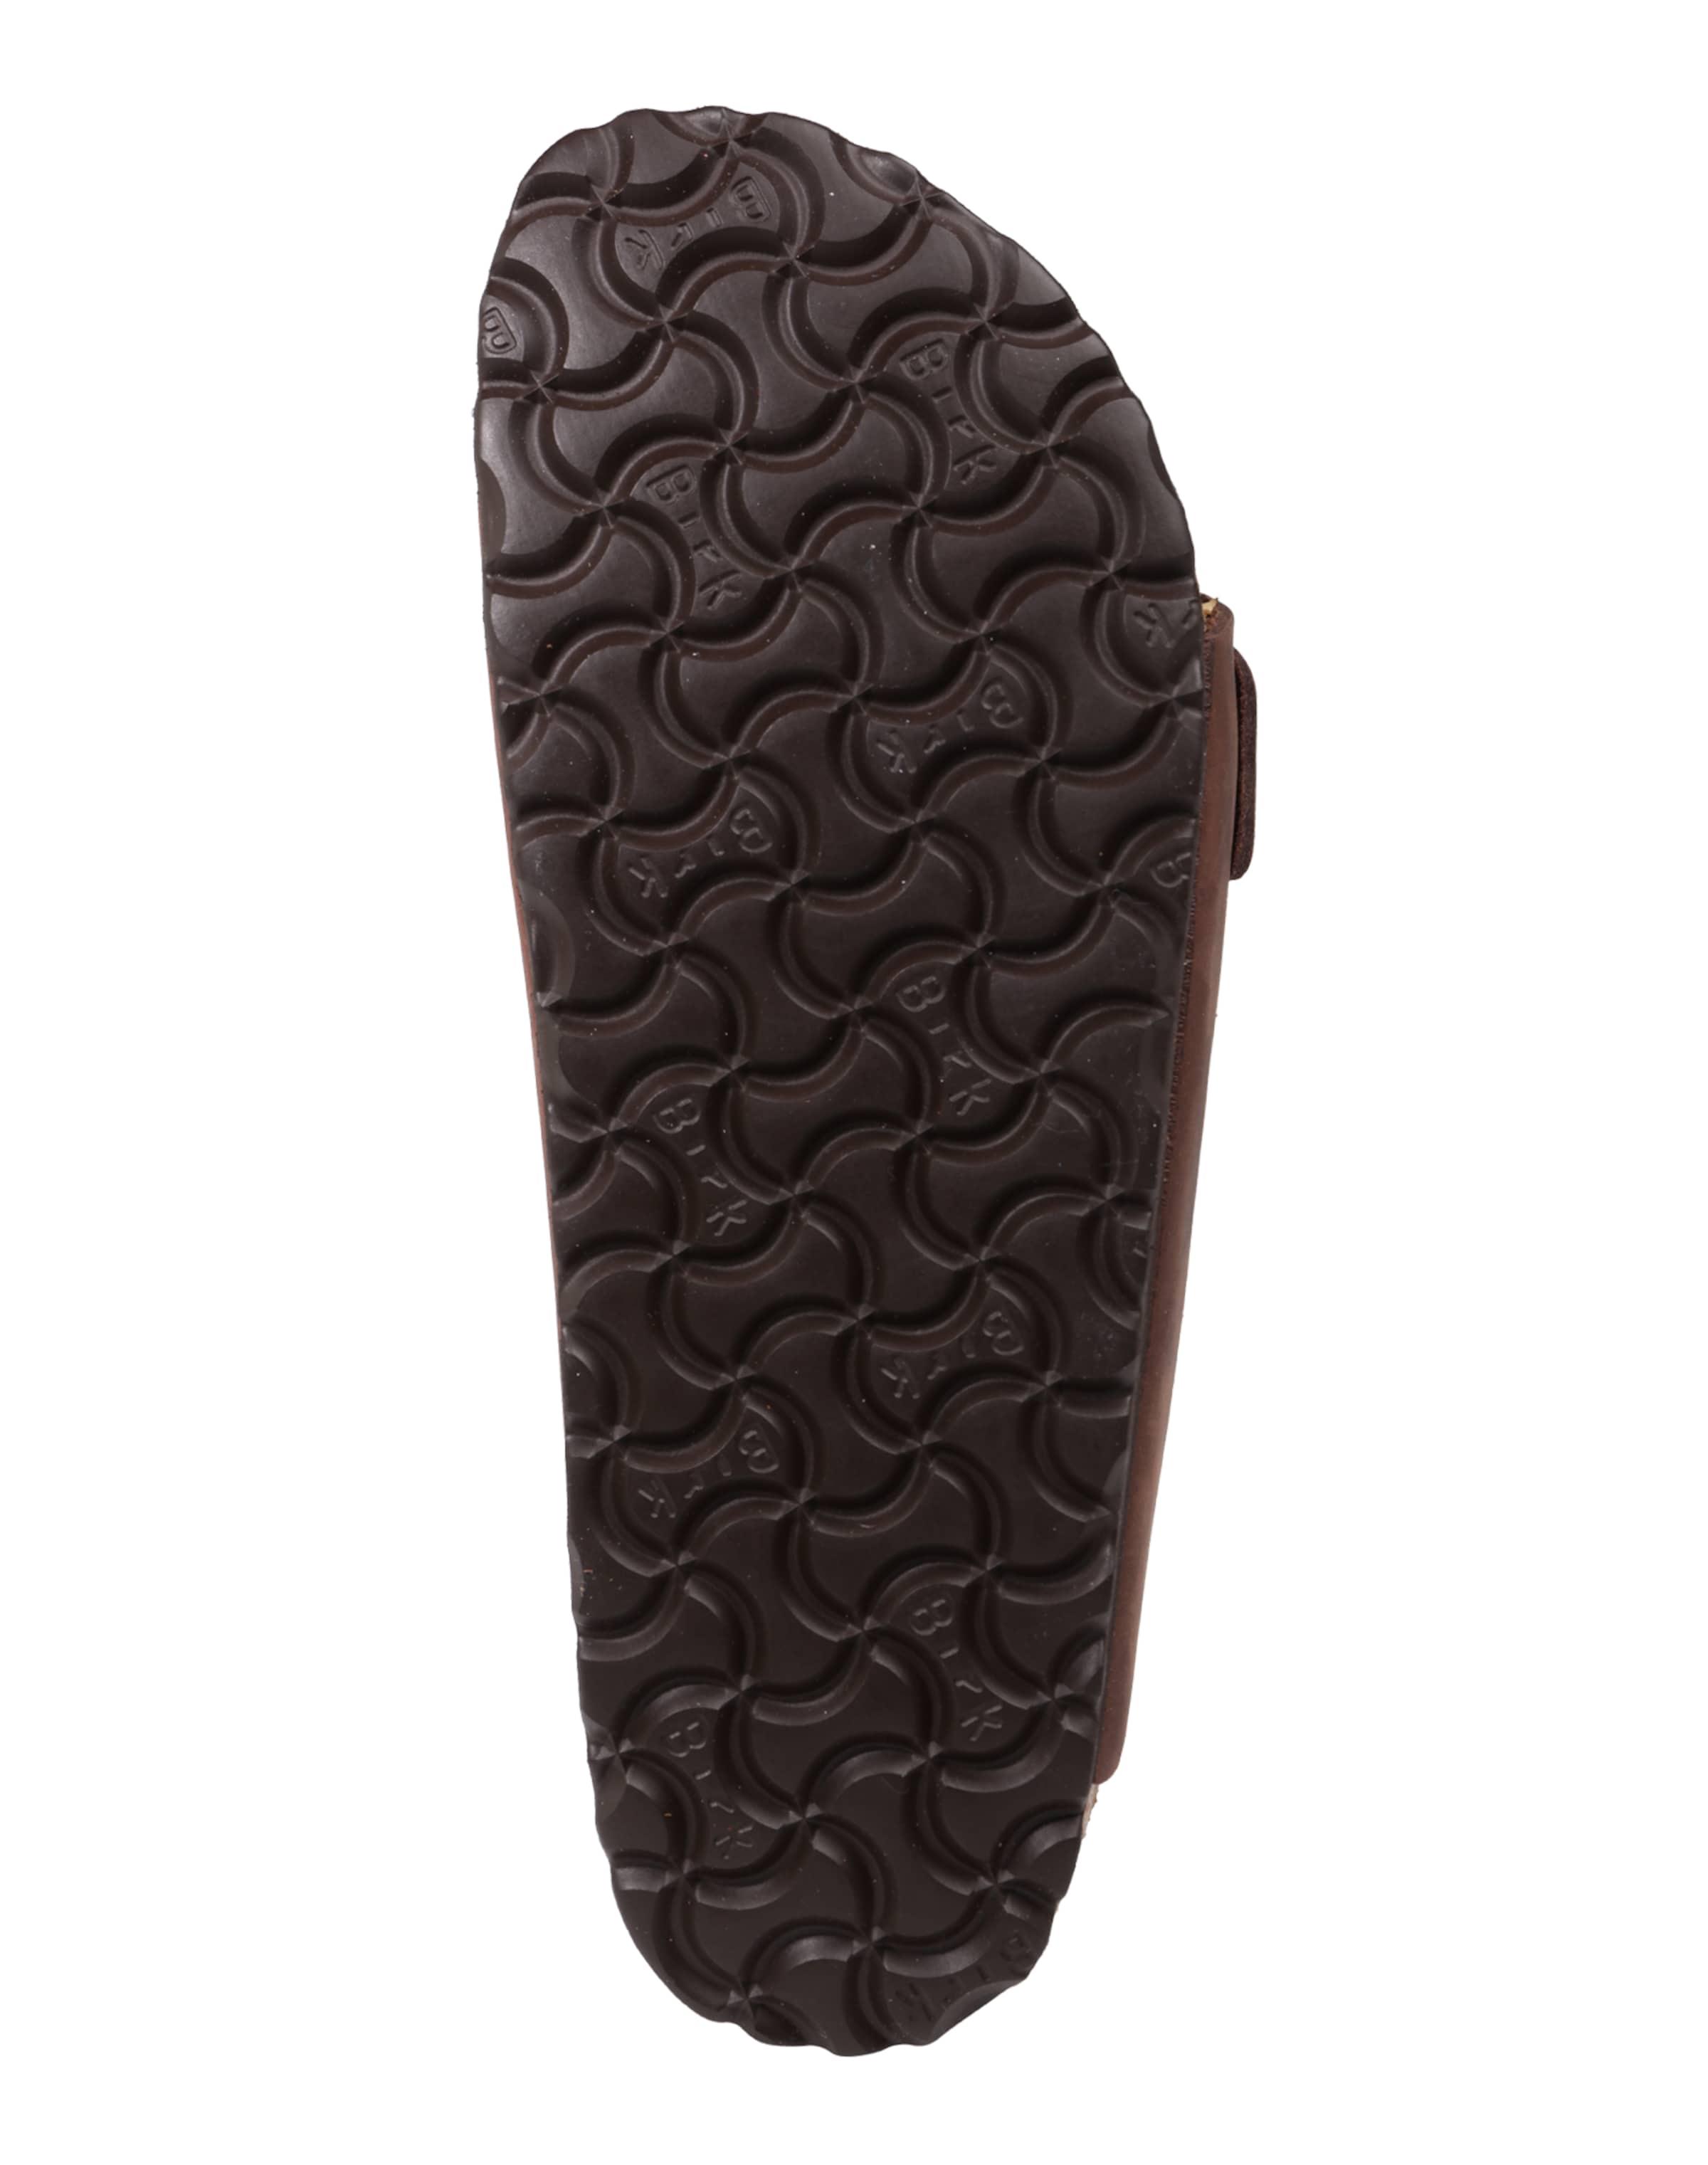 Rabatt Aaa Günstige Preise Zuverlässig BIRKENSTOCK Sandale 'Arizonar' Freies Verschiffen Fälschung Kauf Zum Verkauf Beliebt Günstiger Preis 5Sr3ktu